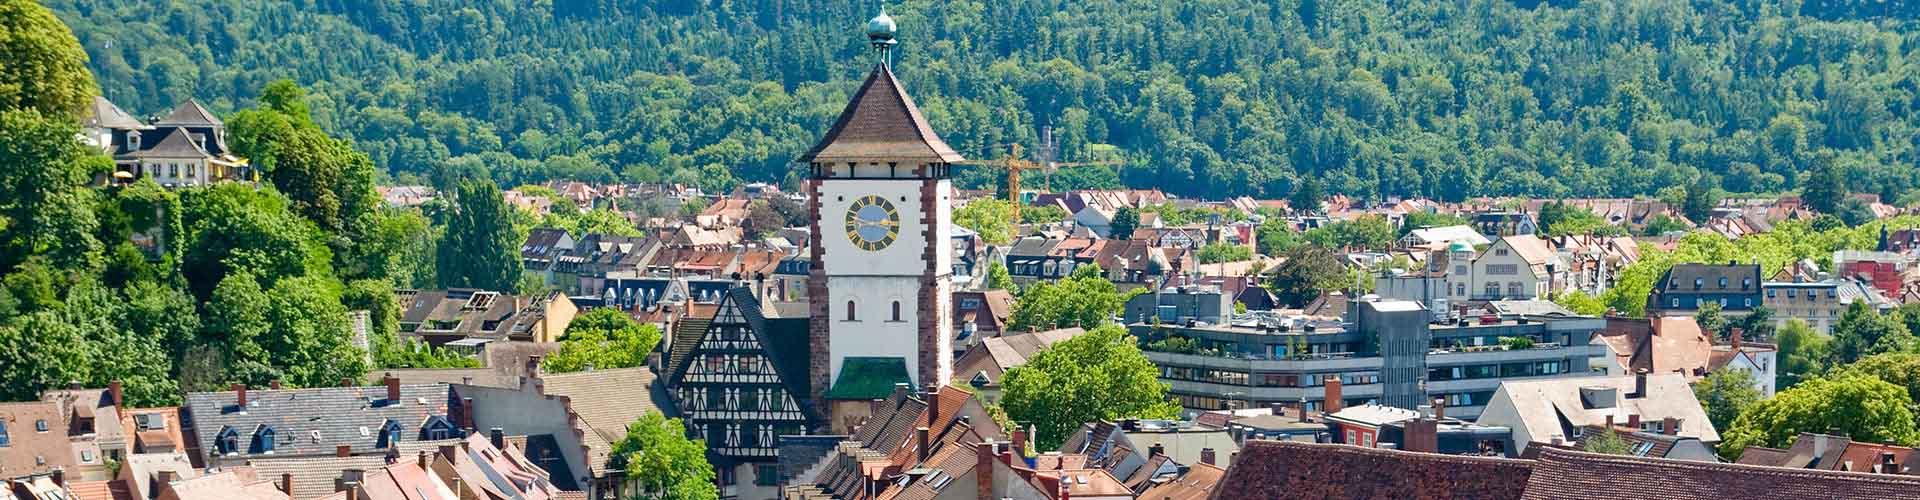 Friburgo - Albergues en Friburgo. Mapas de Friburgo, Fotos y Comentarios para cada Albergue en Friburgo.